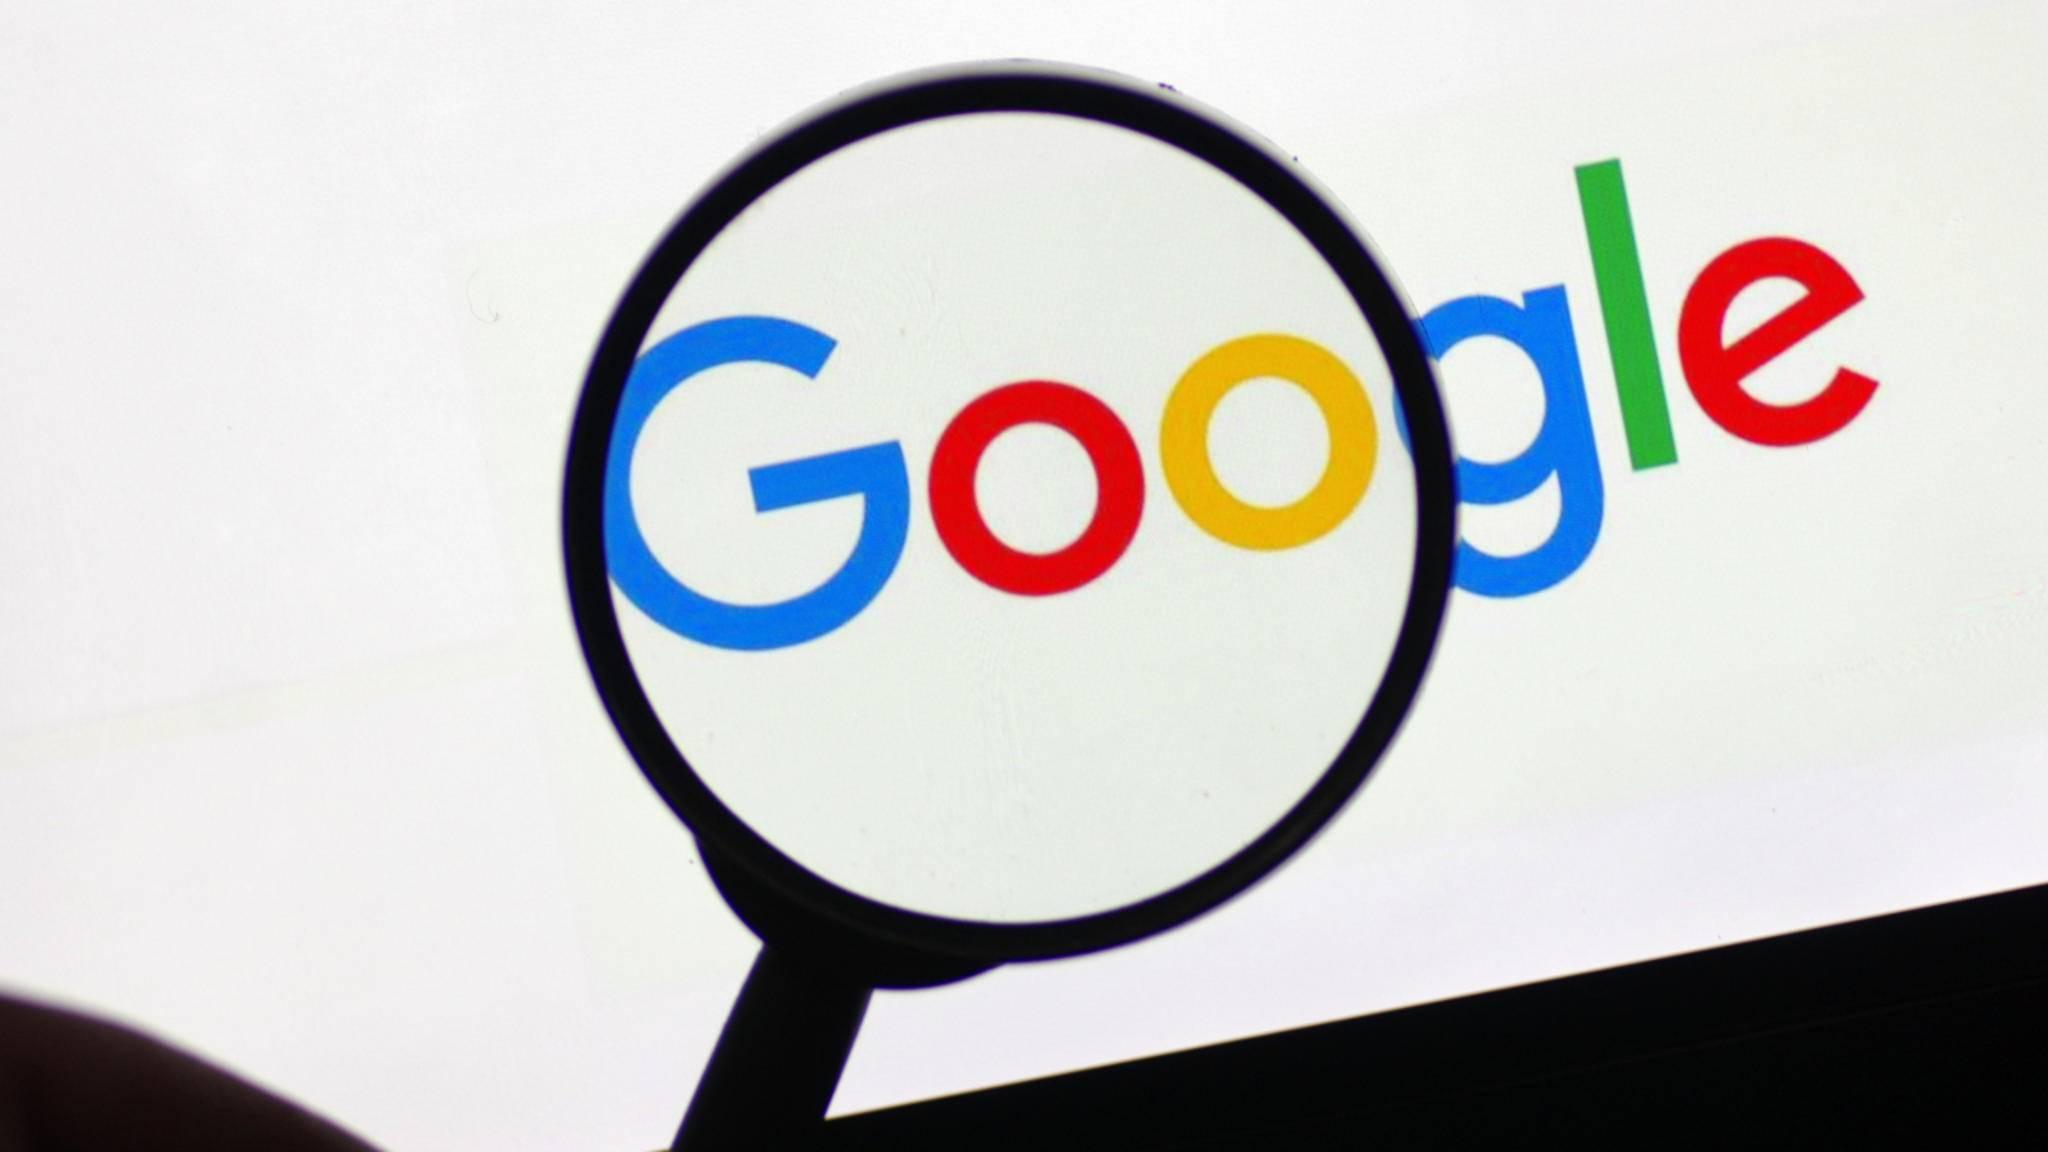 Wird sich Google in China freiwillig selbst zensieren?